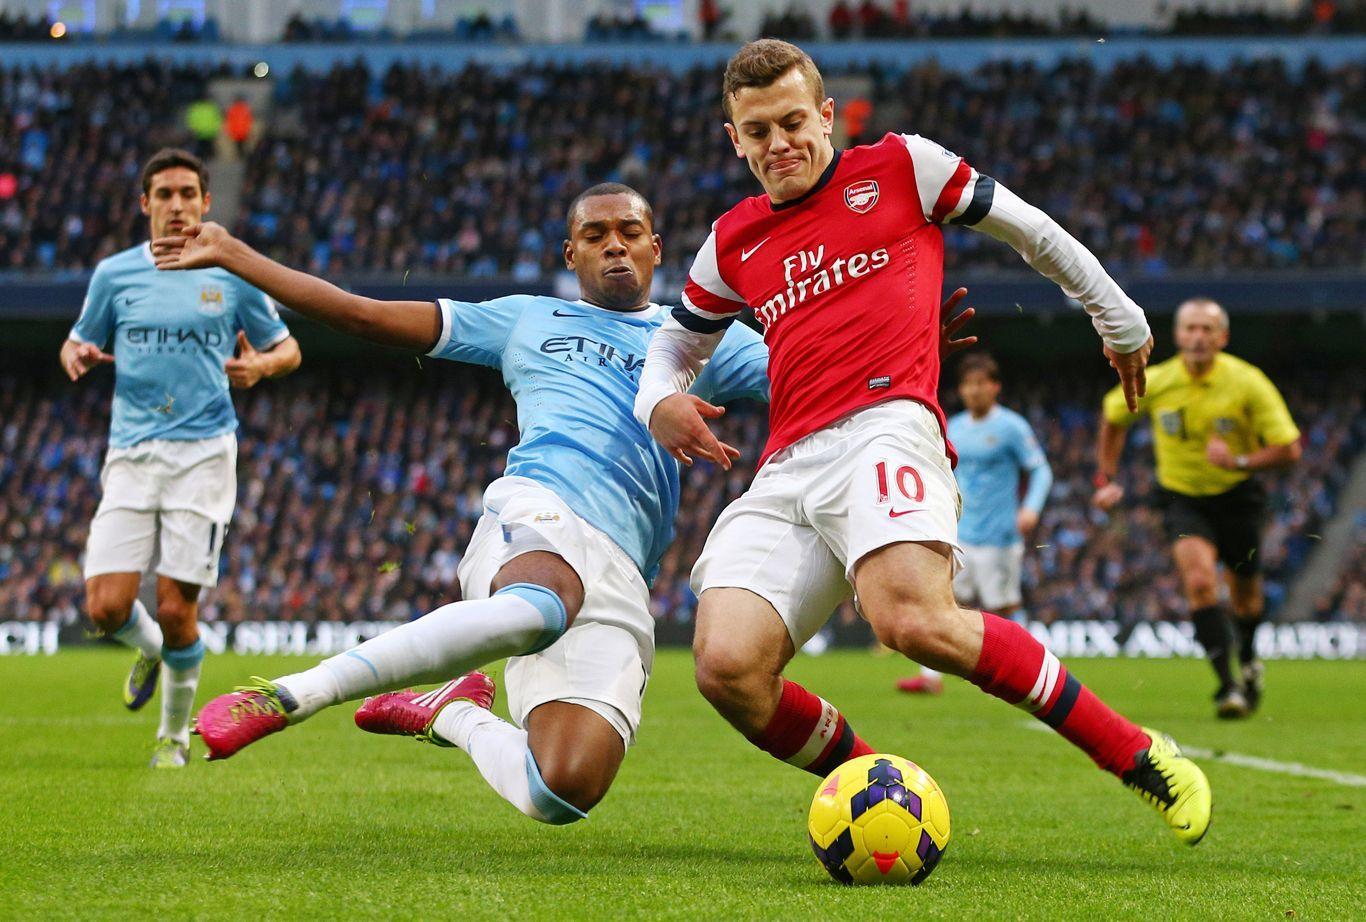 «Арсенал» — «Манчестер Сити»: ставки, прогнозы и коэффициенты букмекеров на матч 15 декабря 2019 года